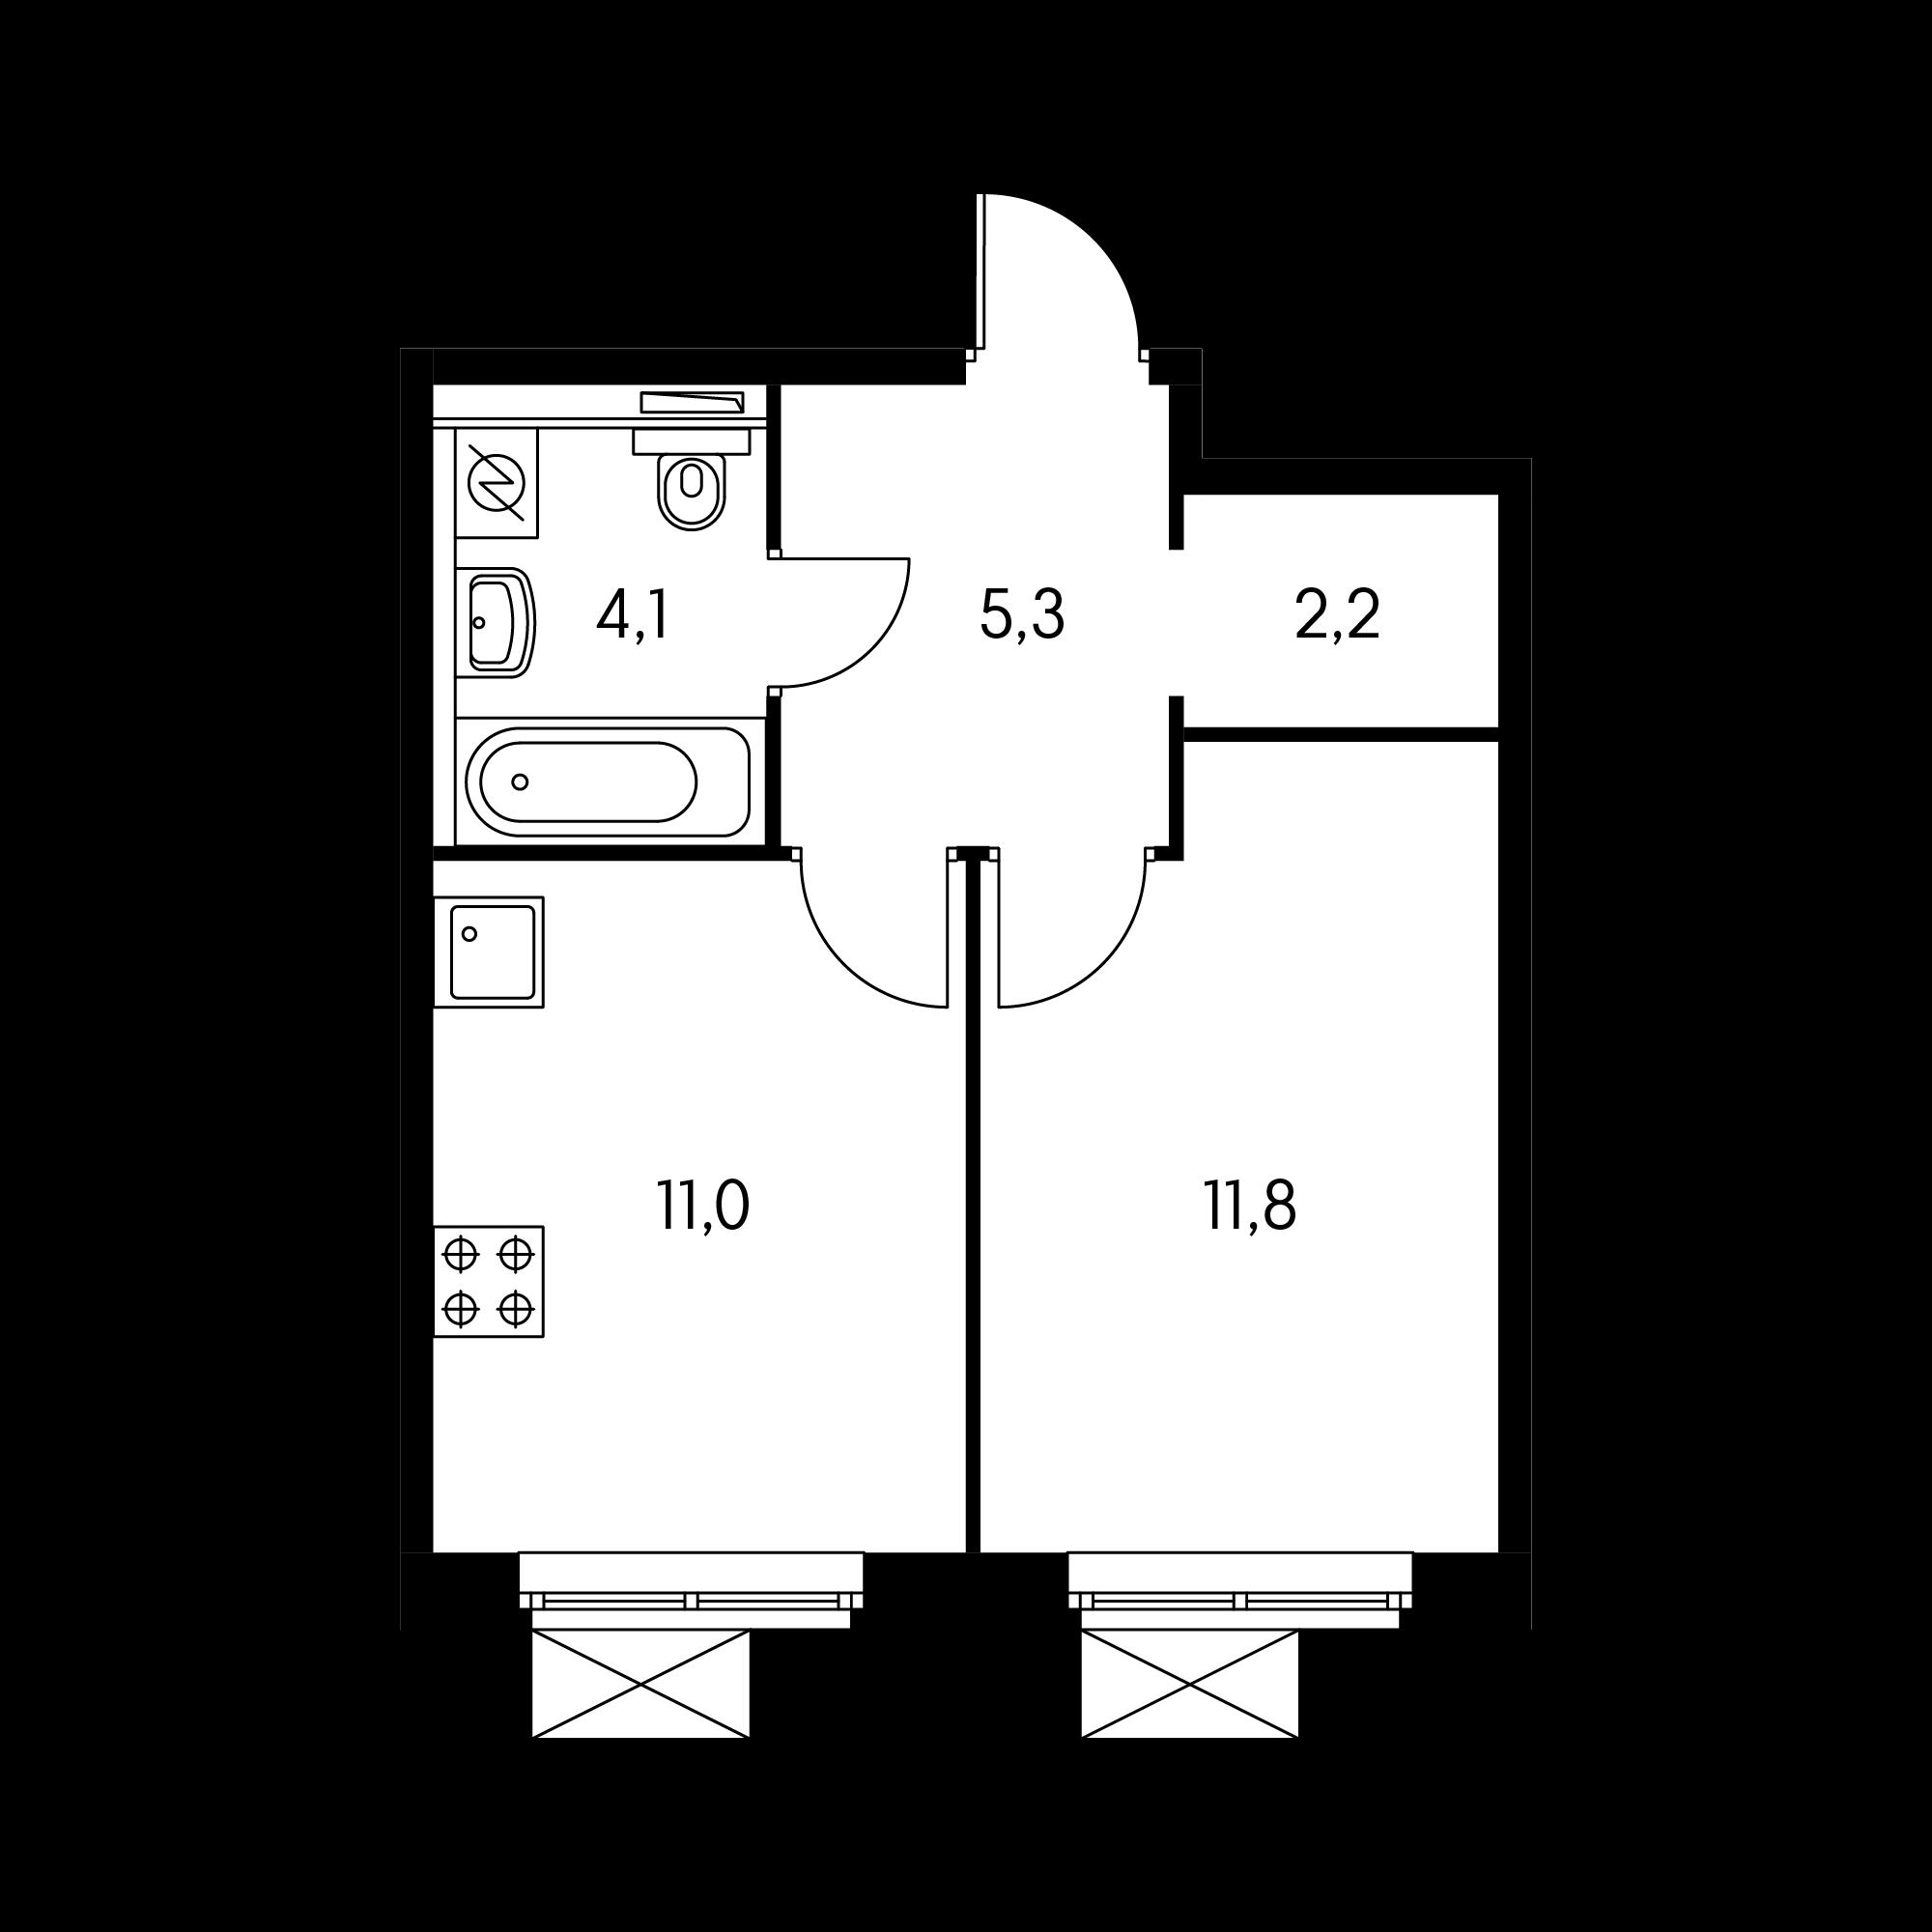 1KS2_6.0-1_S_Z